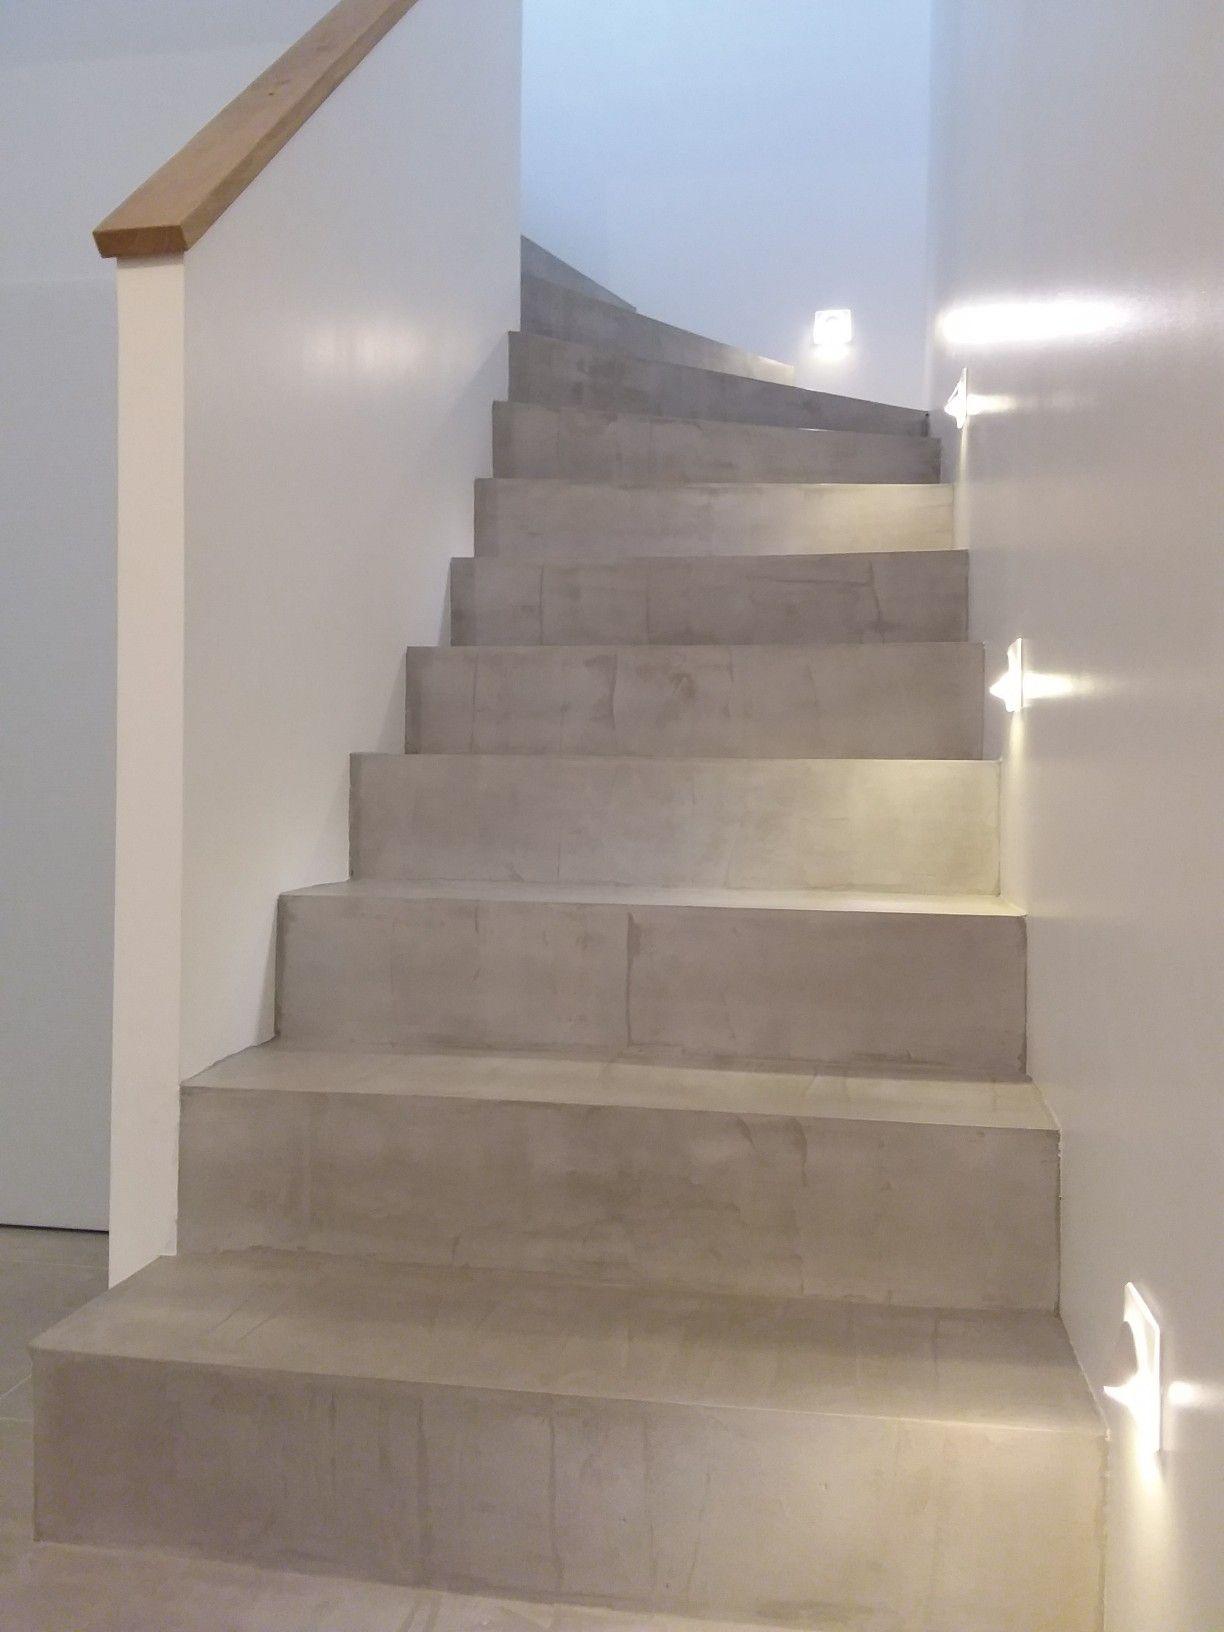 Escalier Beton Deco Leroy Merlin Resinence Escalier Beton Cire Treppe Haus Treppe Renovieren Treppenrenovierung